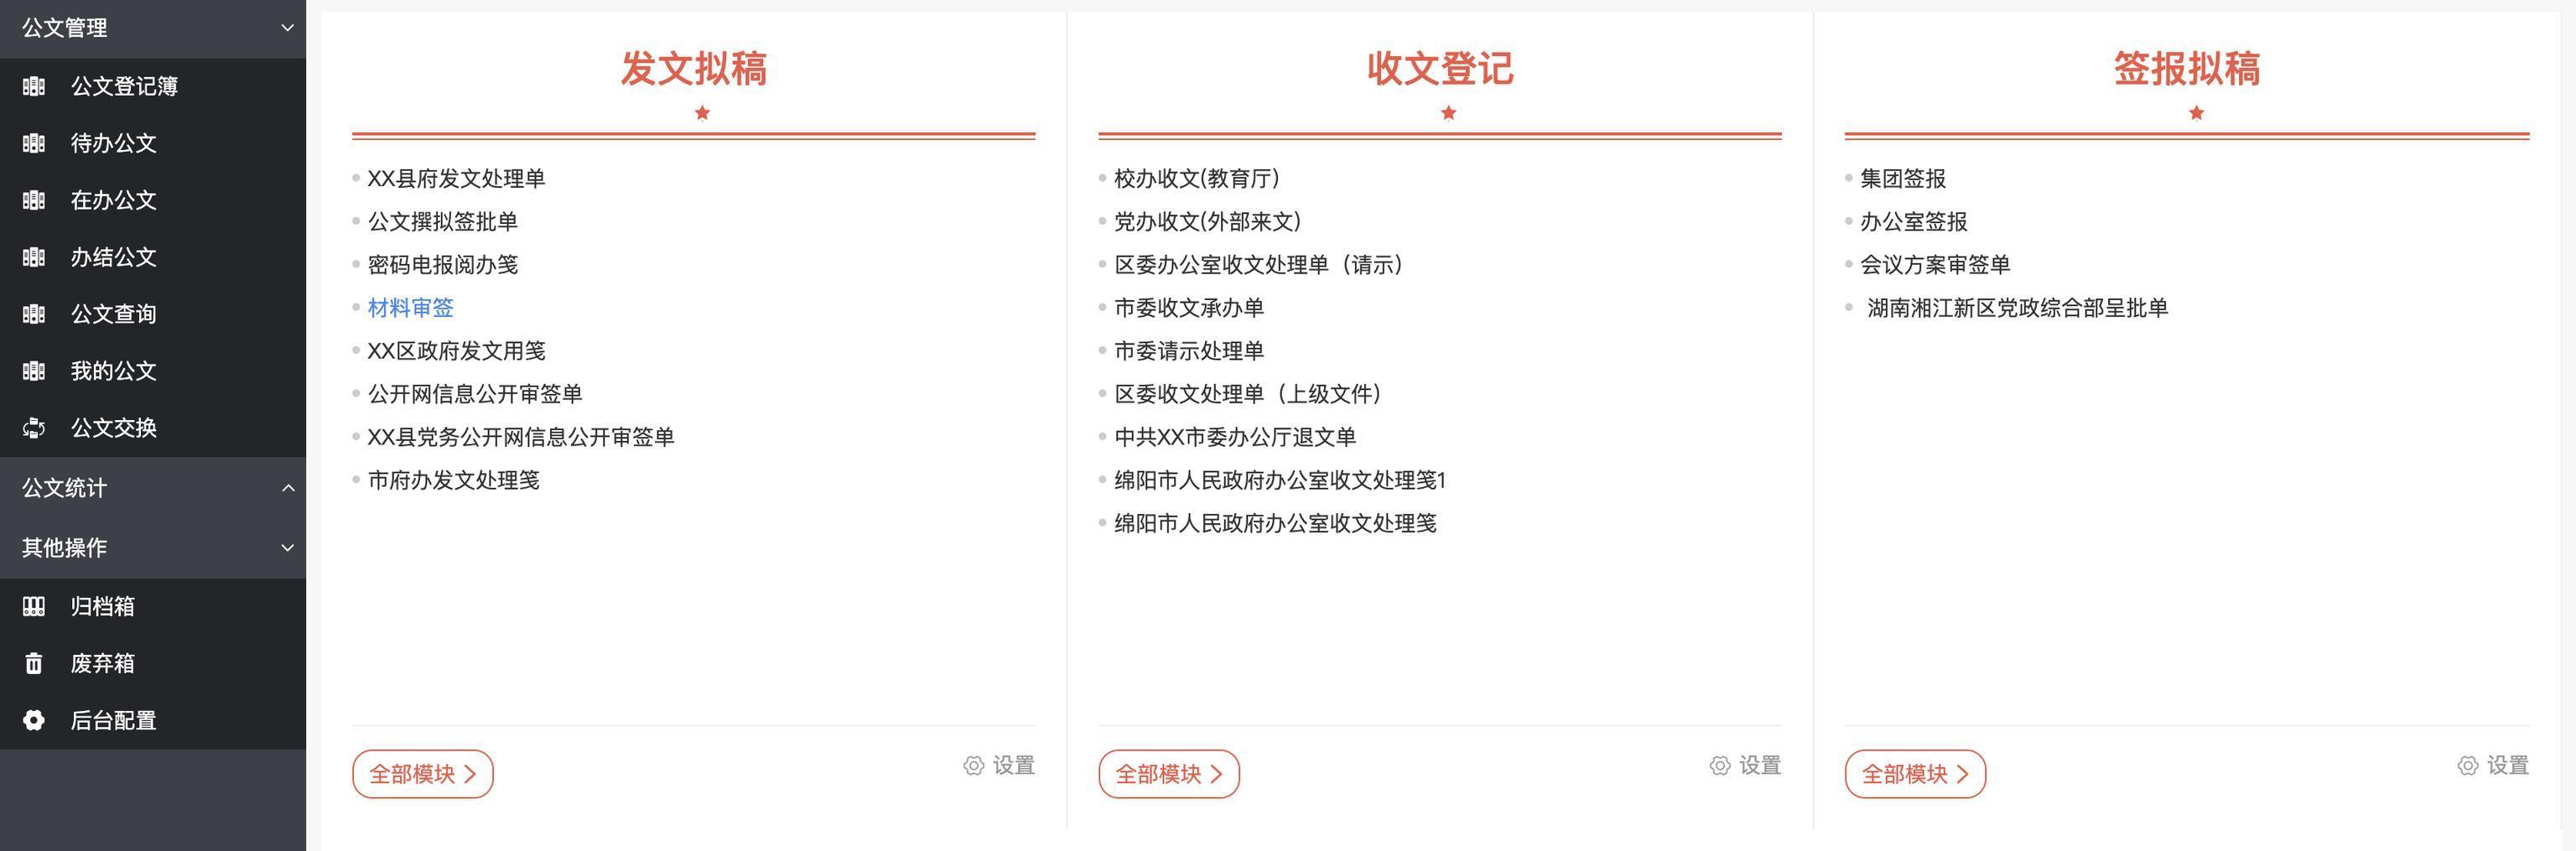 蓝凌智慧政务办公平台,轻松打造一体化在线政务